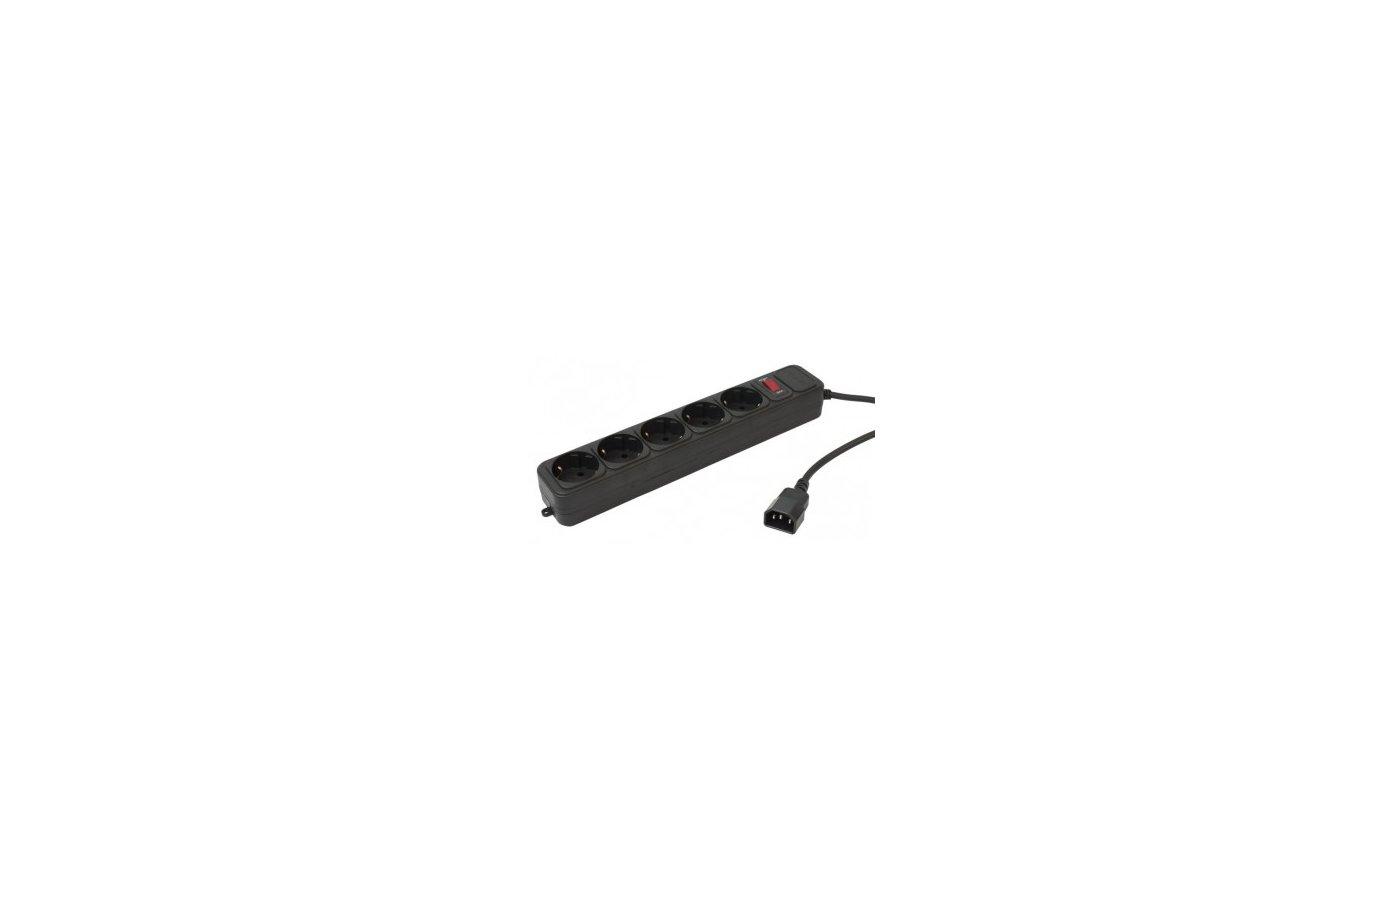 Сетевой фильтр PC Pet AP01006-E-BK 5роз./1.8м. черный